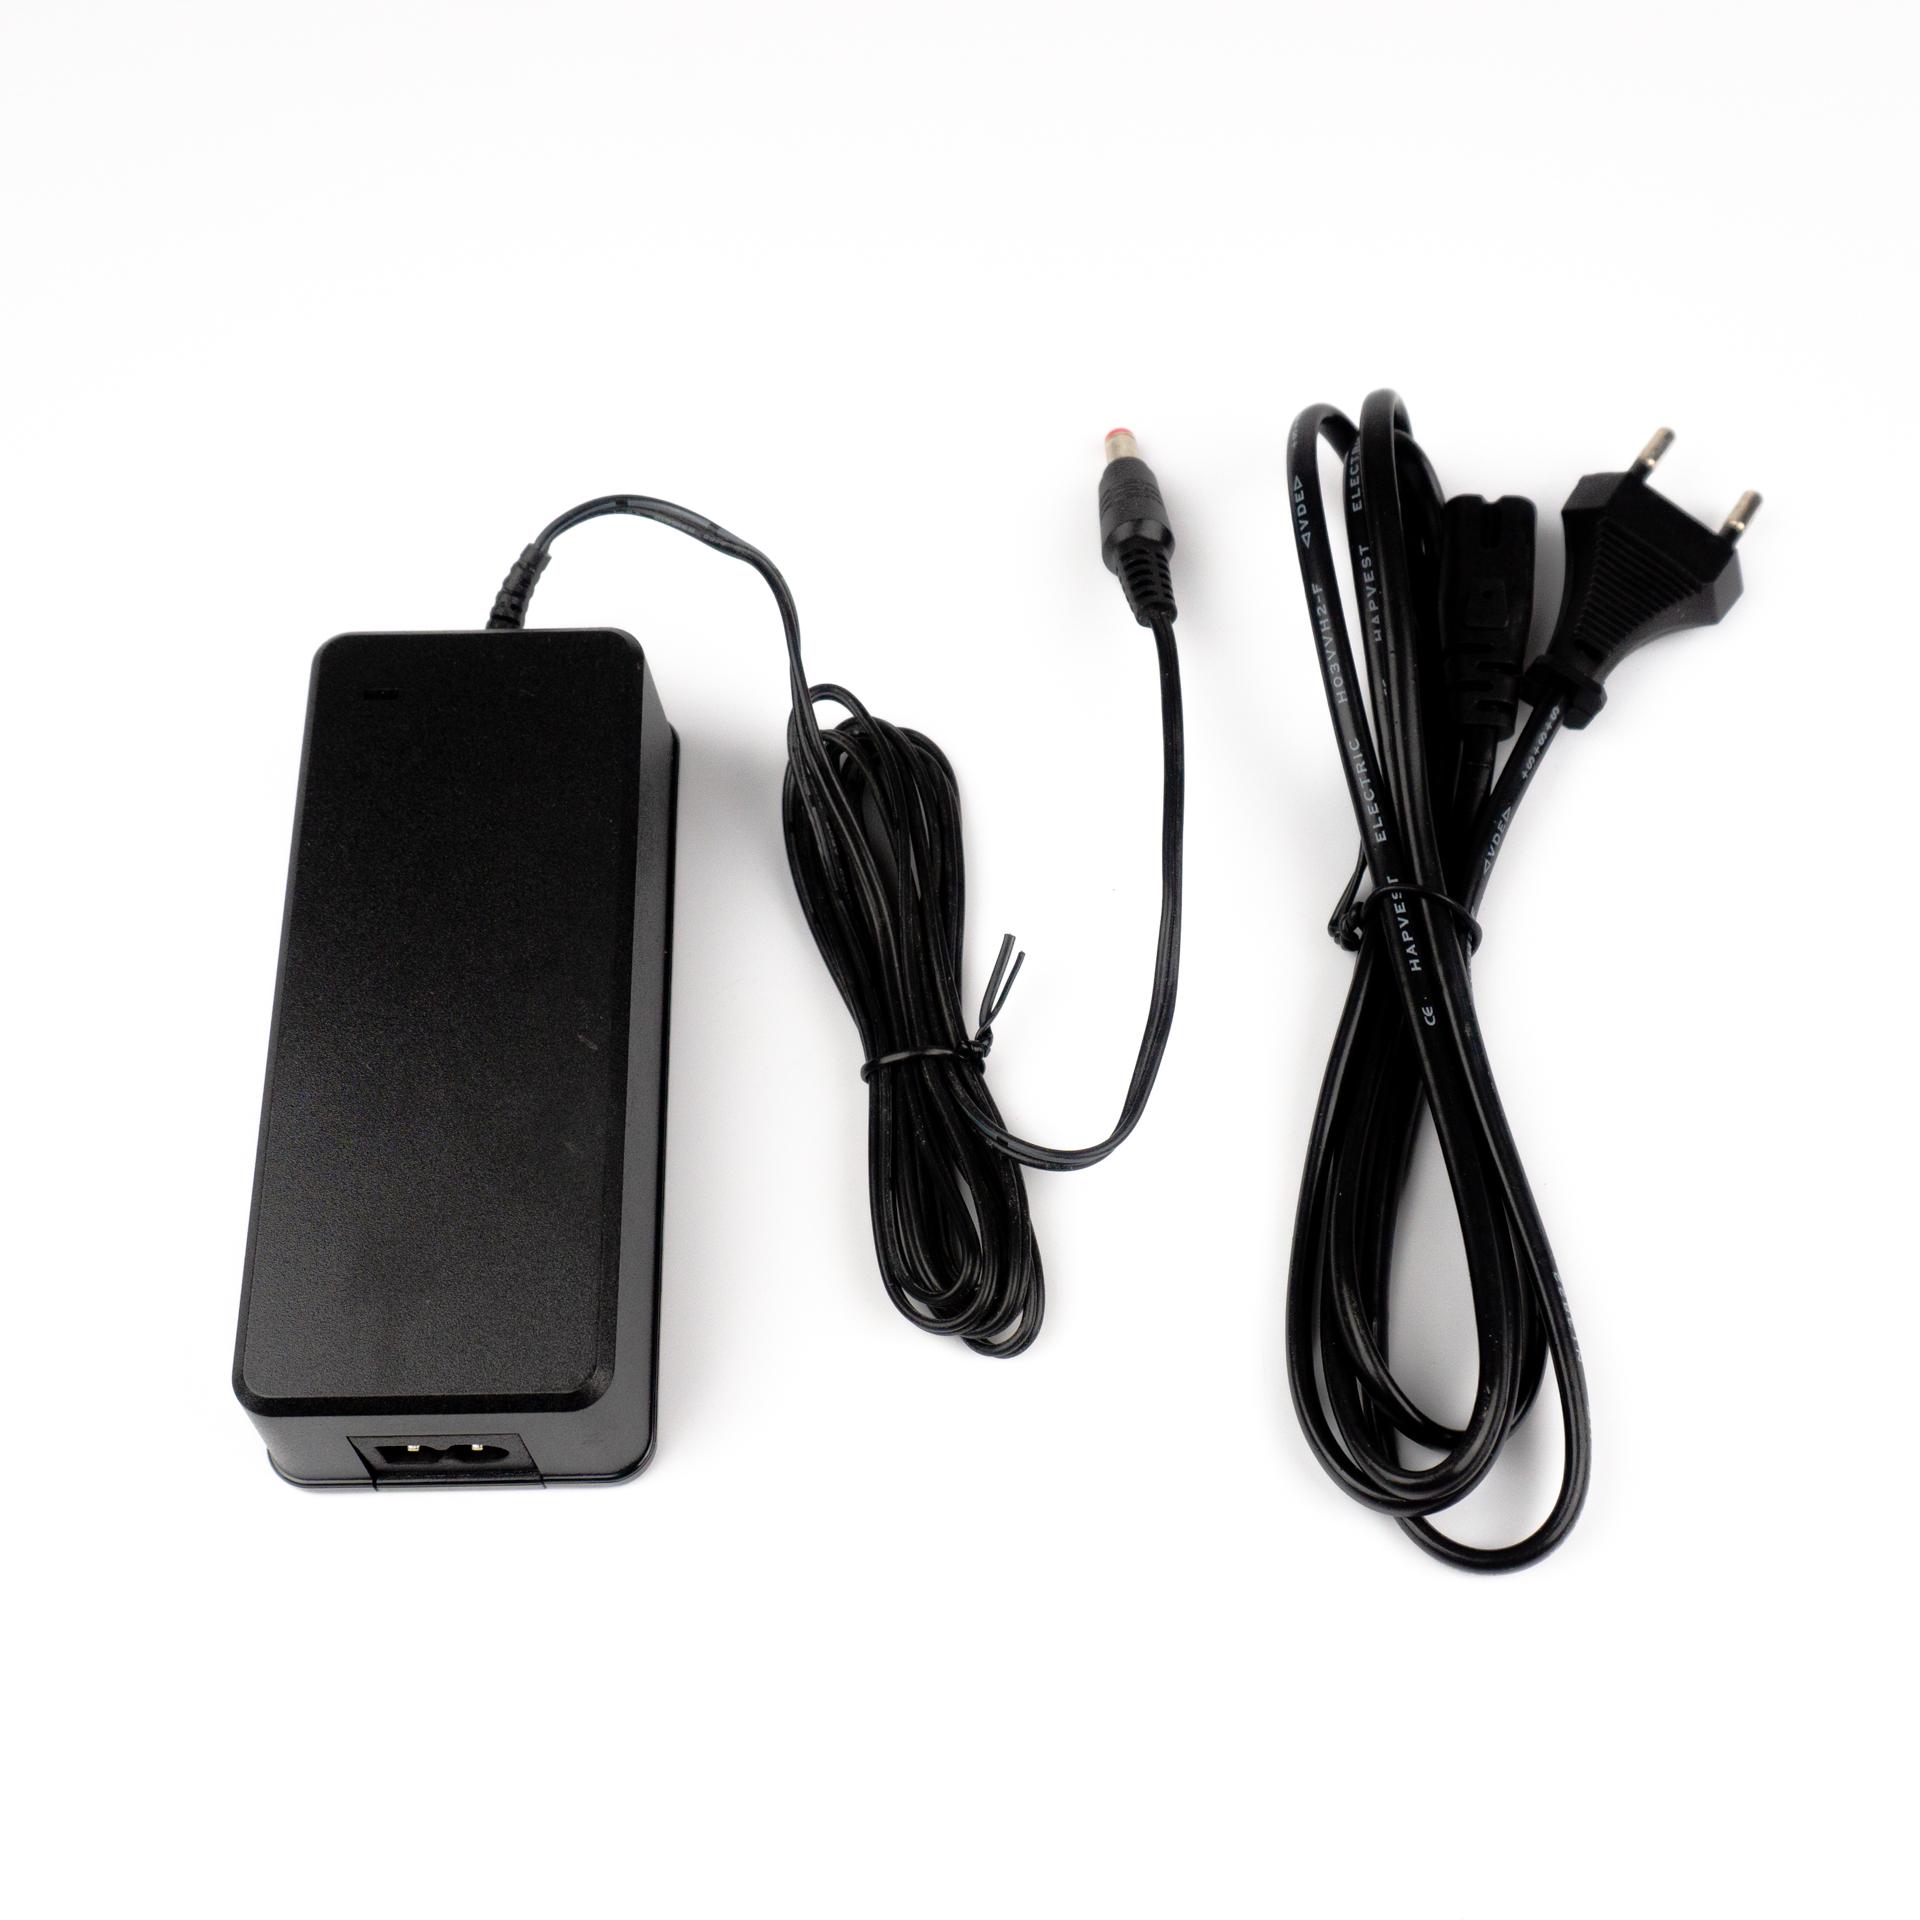 LED Adapter Tápegység Műanyag Házas 12V 5A 60W LP-5A